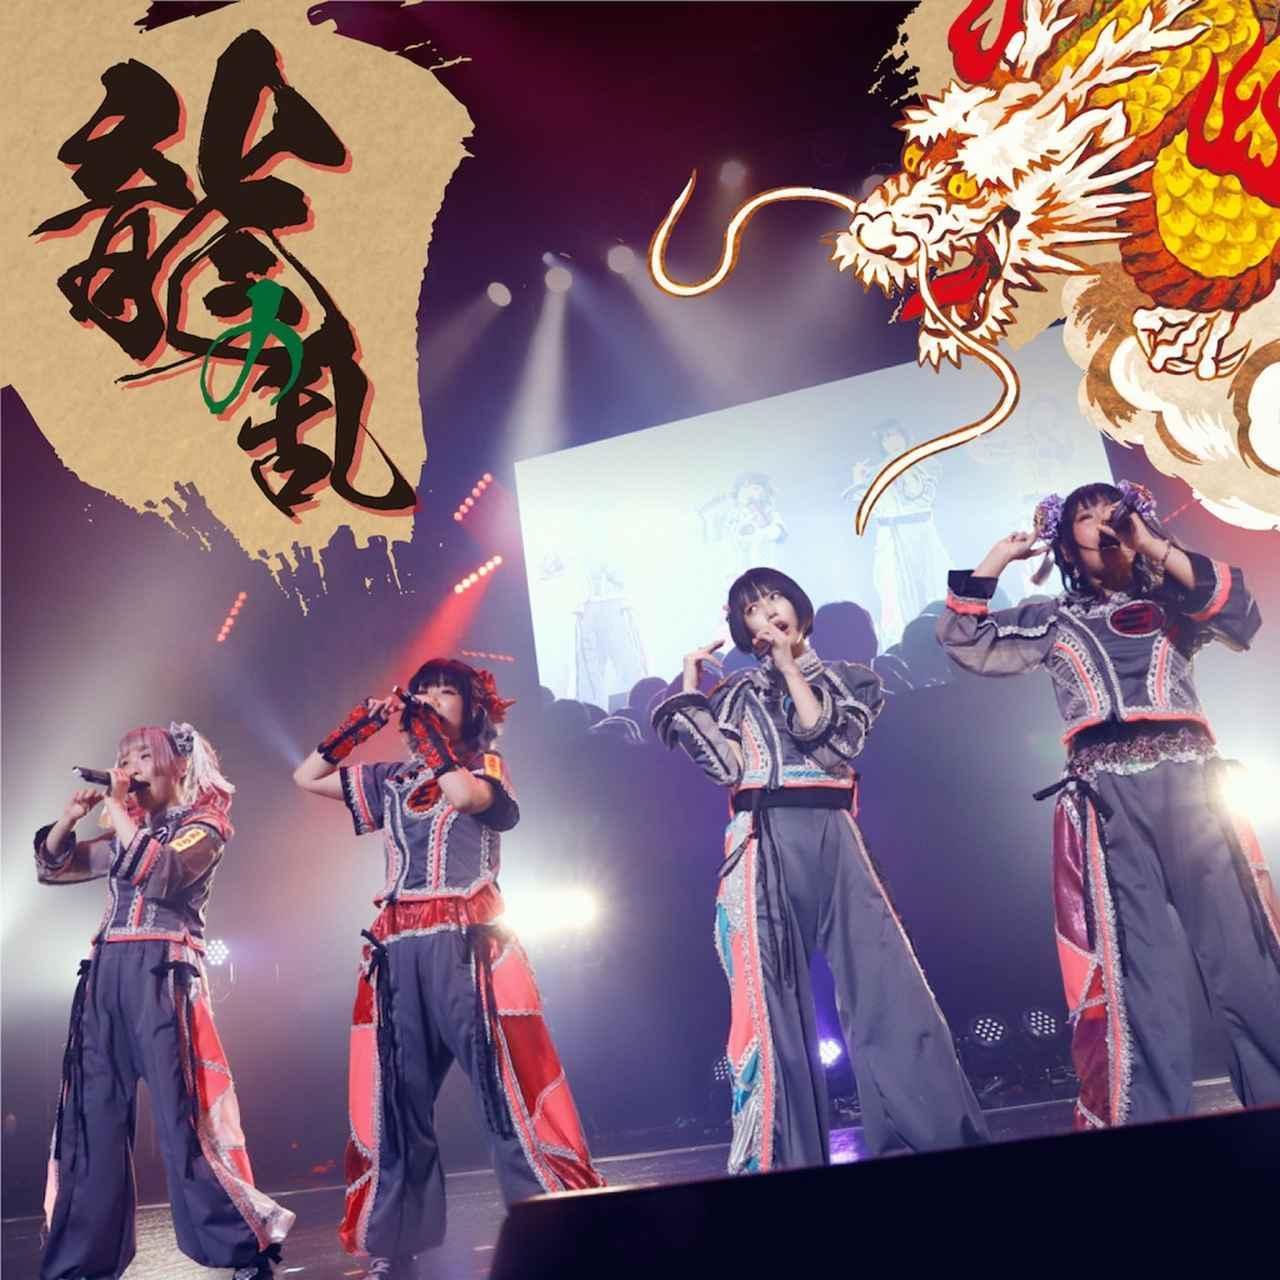 画像: ゆるめるモ! 酔拳ツアーWファイナル 東京・龍の乱 at ZEPP TOKYO / ゆるめるモ!